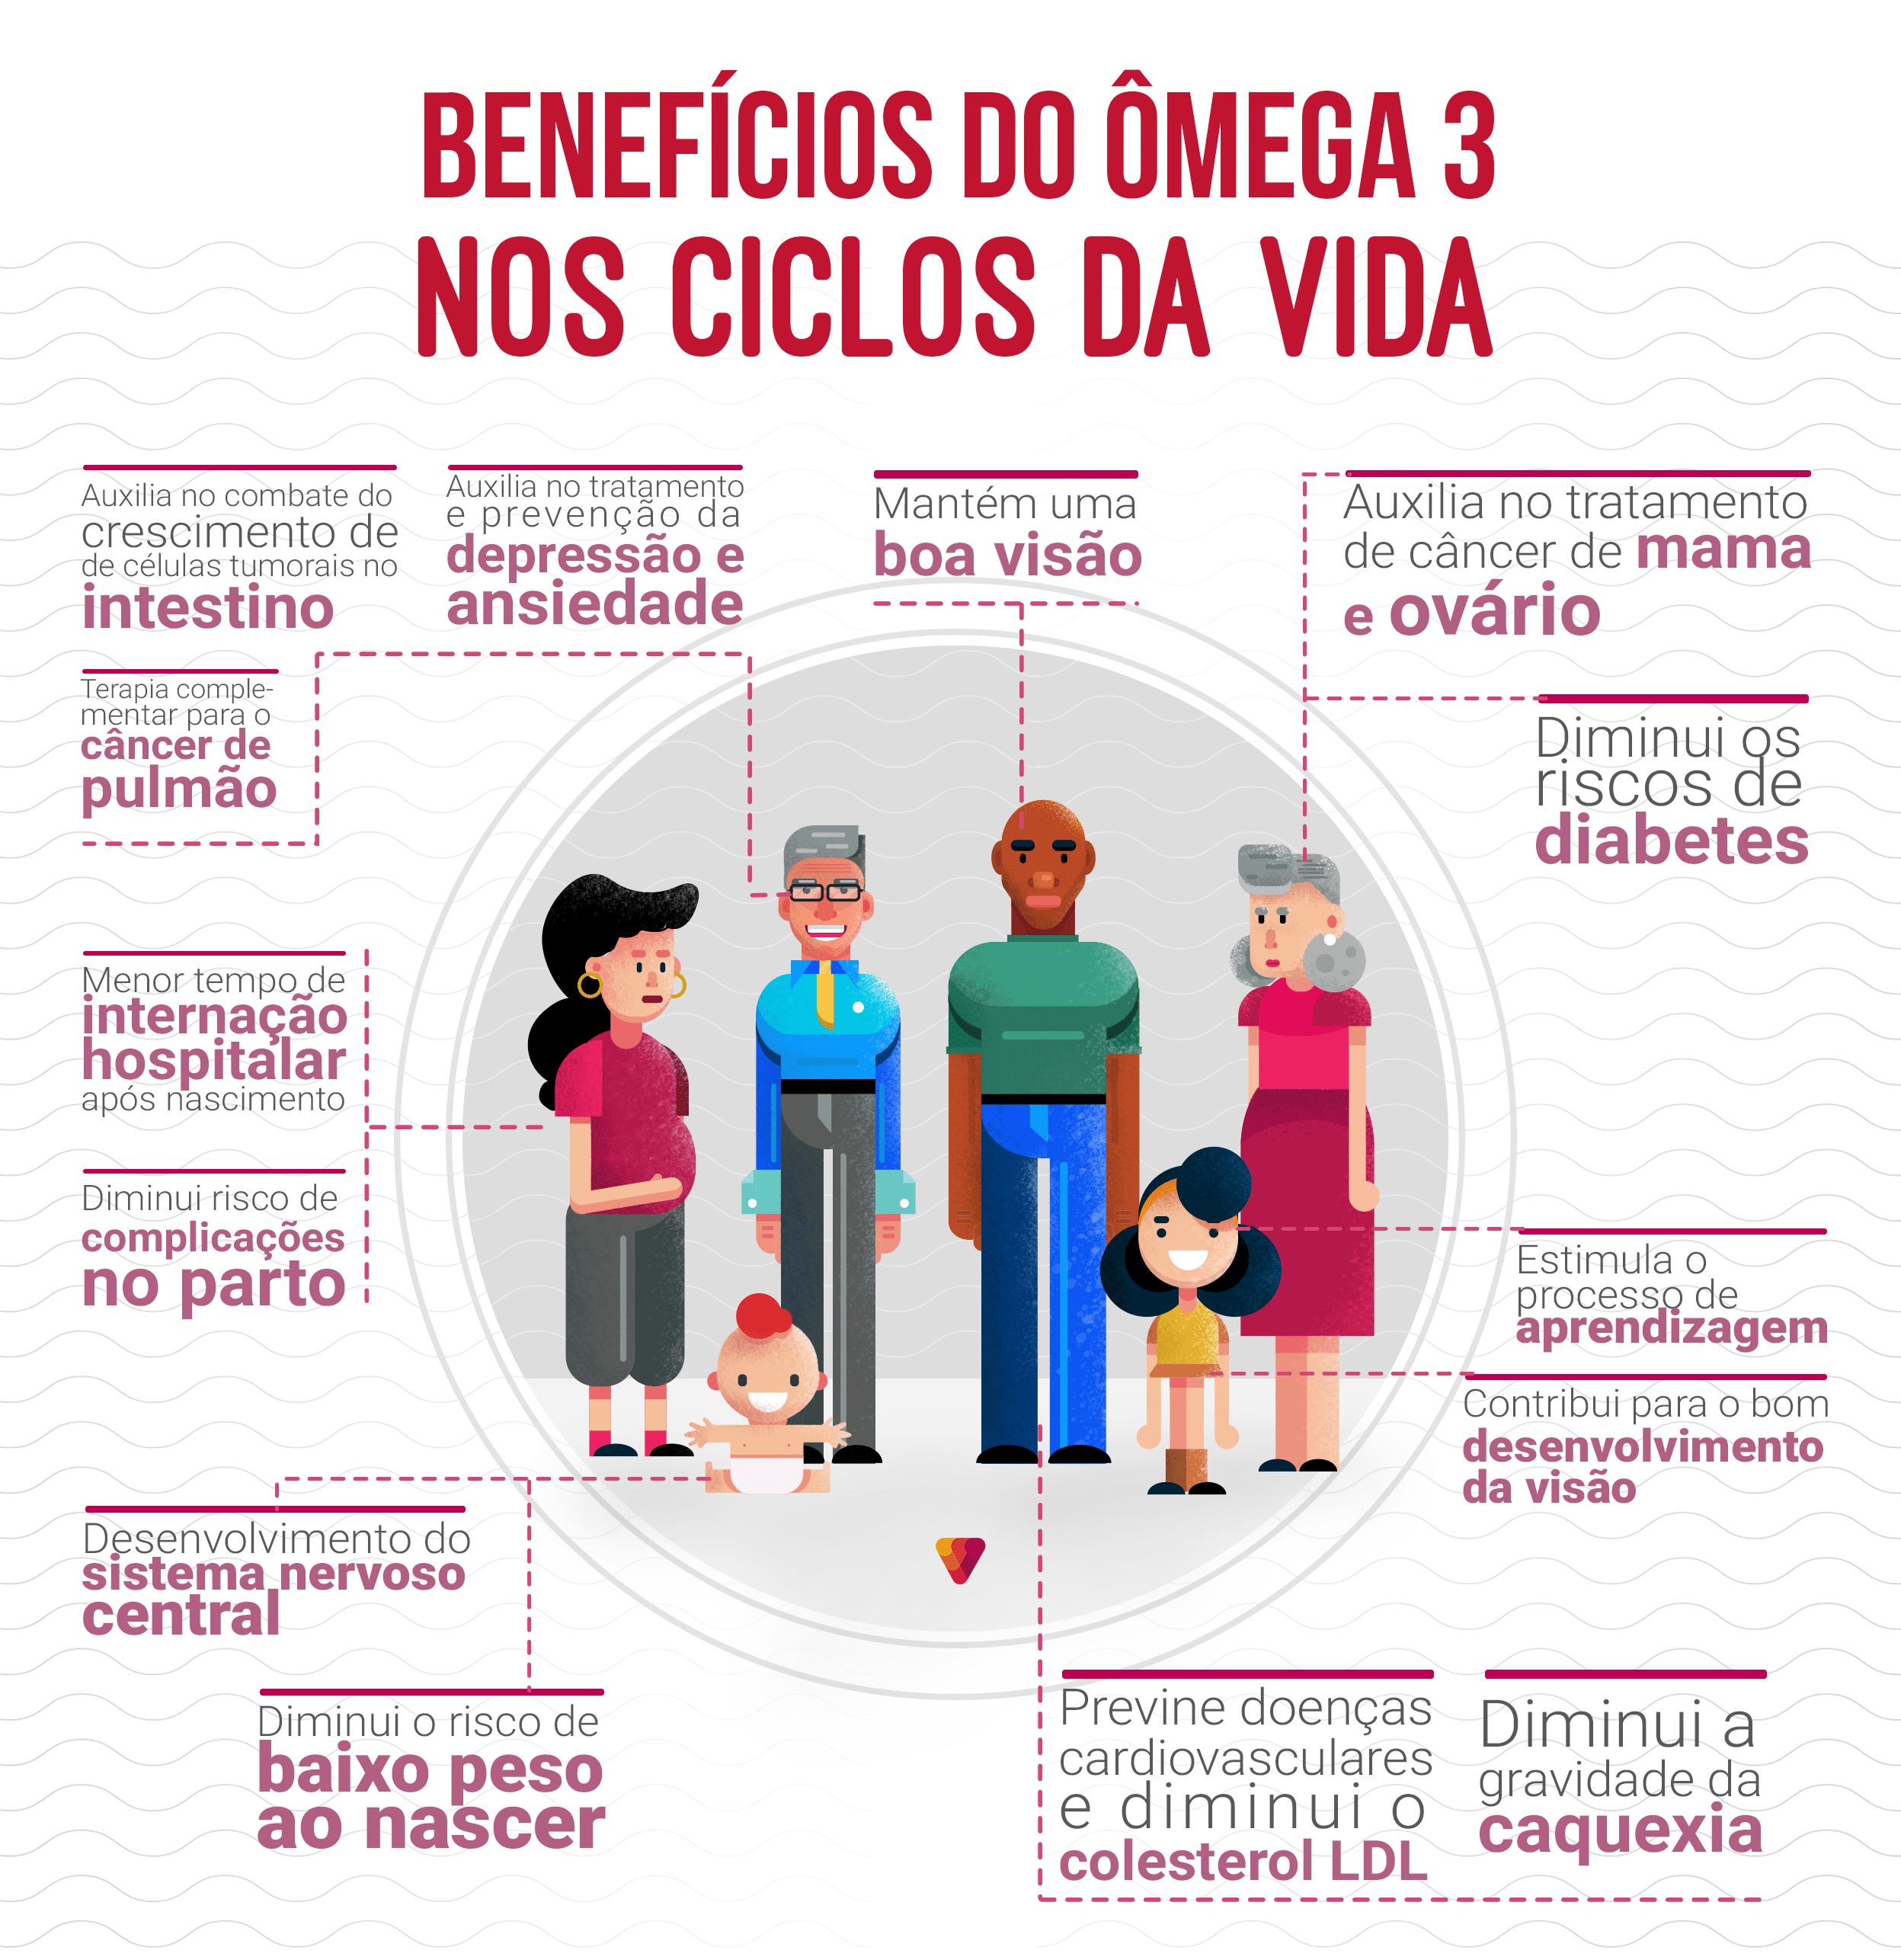 Benefícios do ômega 3 para todos os ciclos da vida